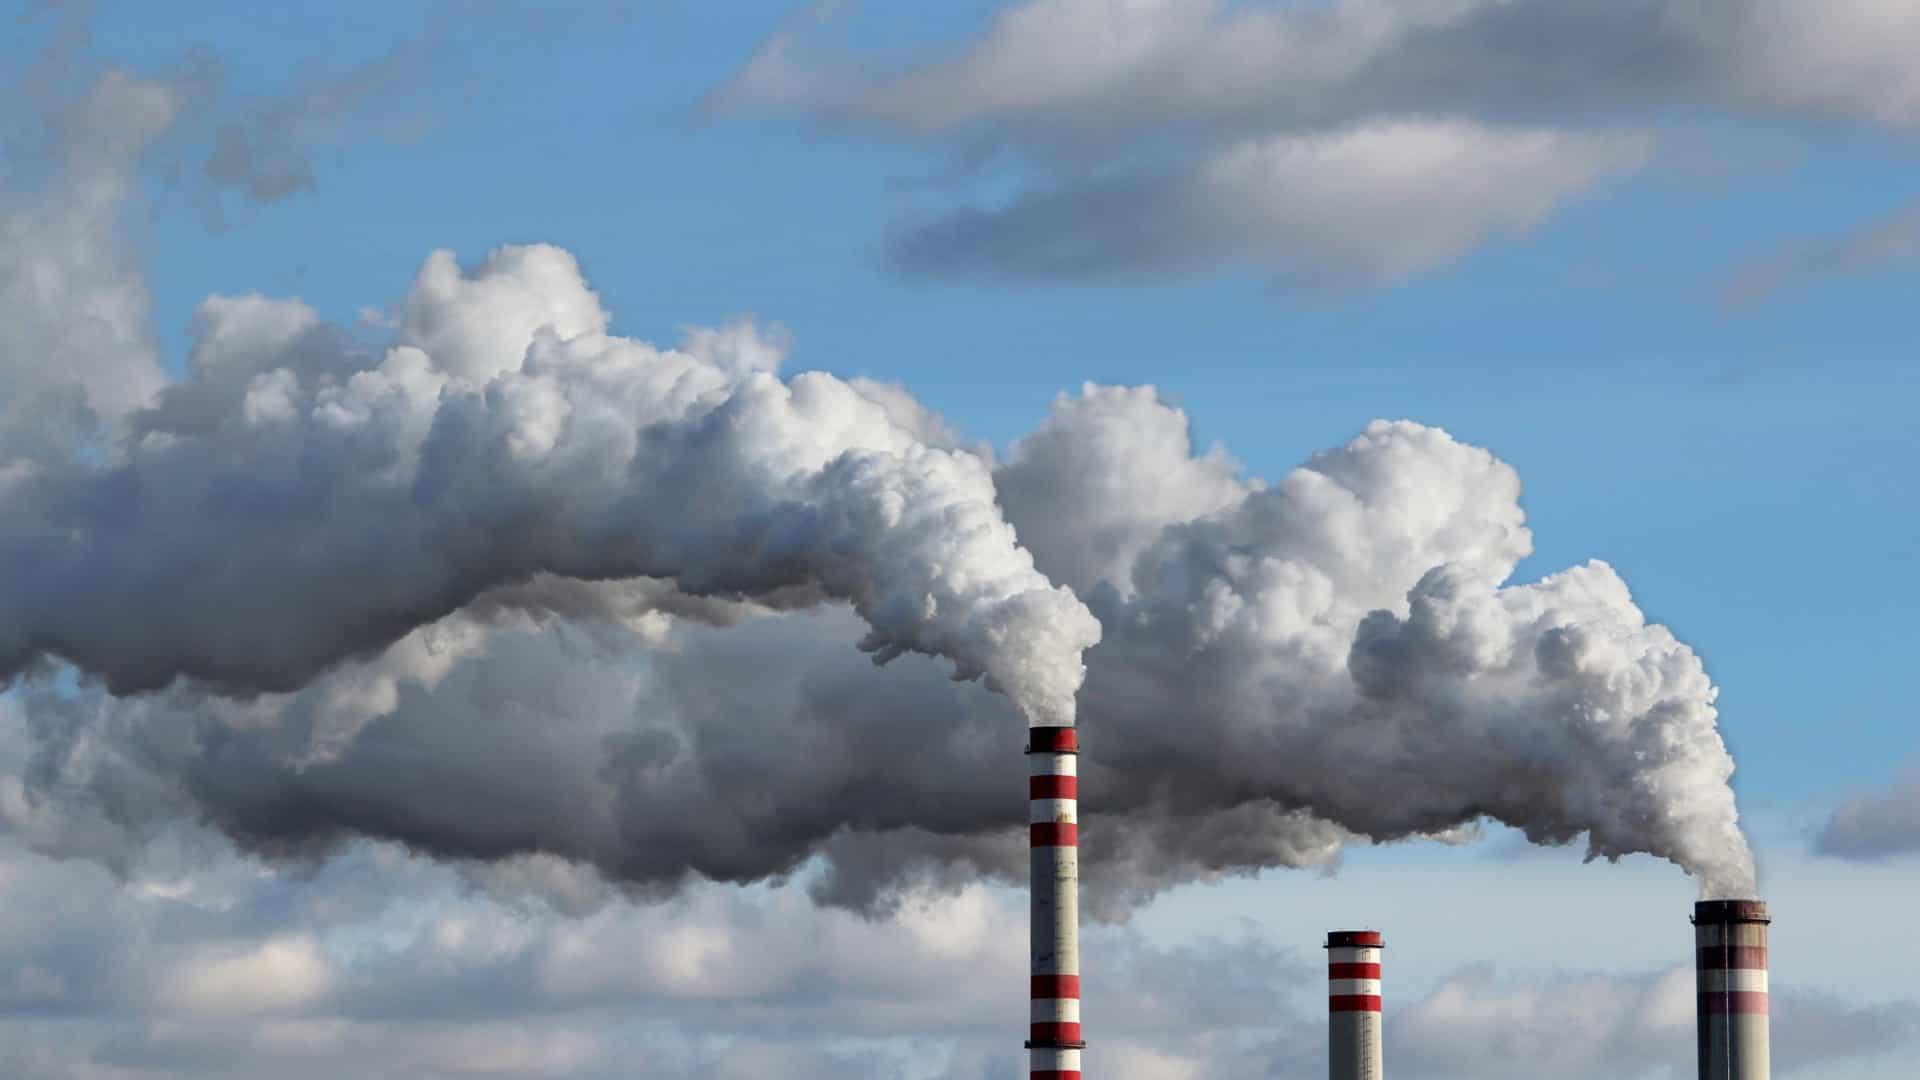 As emissões globais estão baixas, mas os cientistas alertam que isso não irá durar por muito tempo